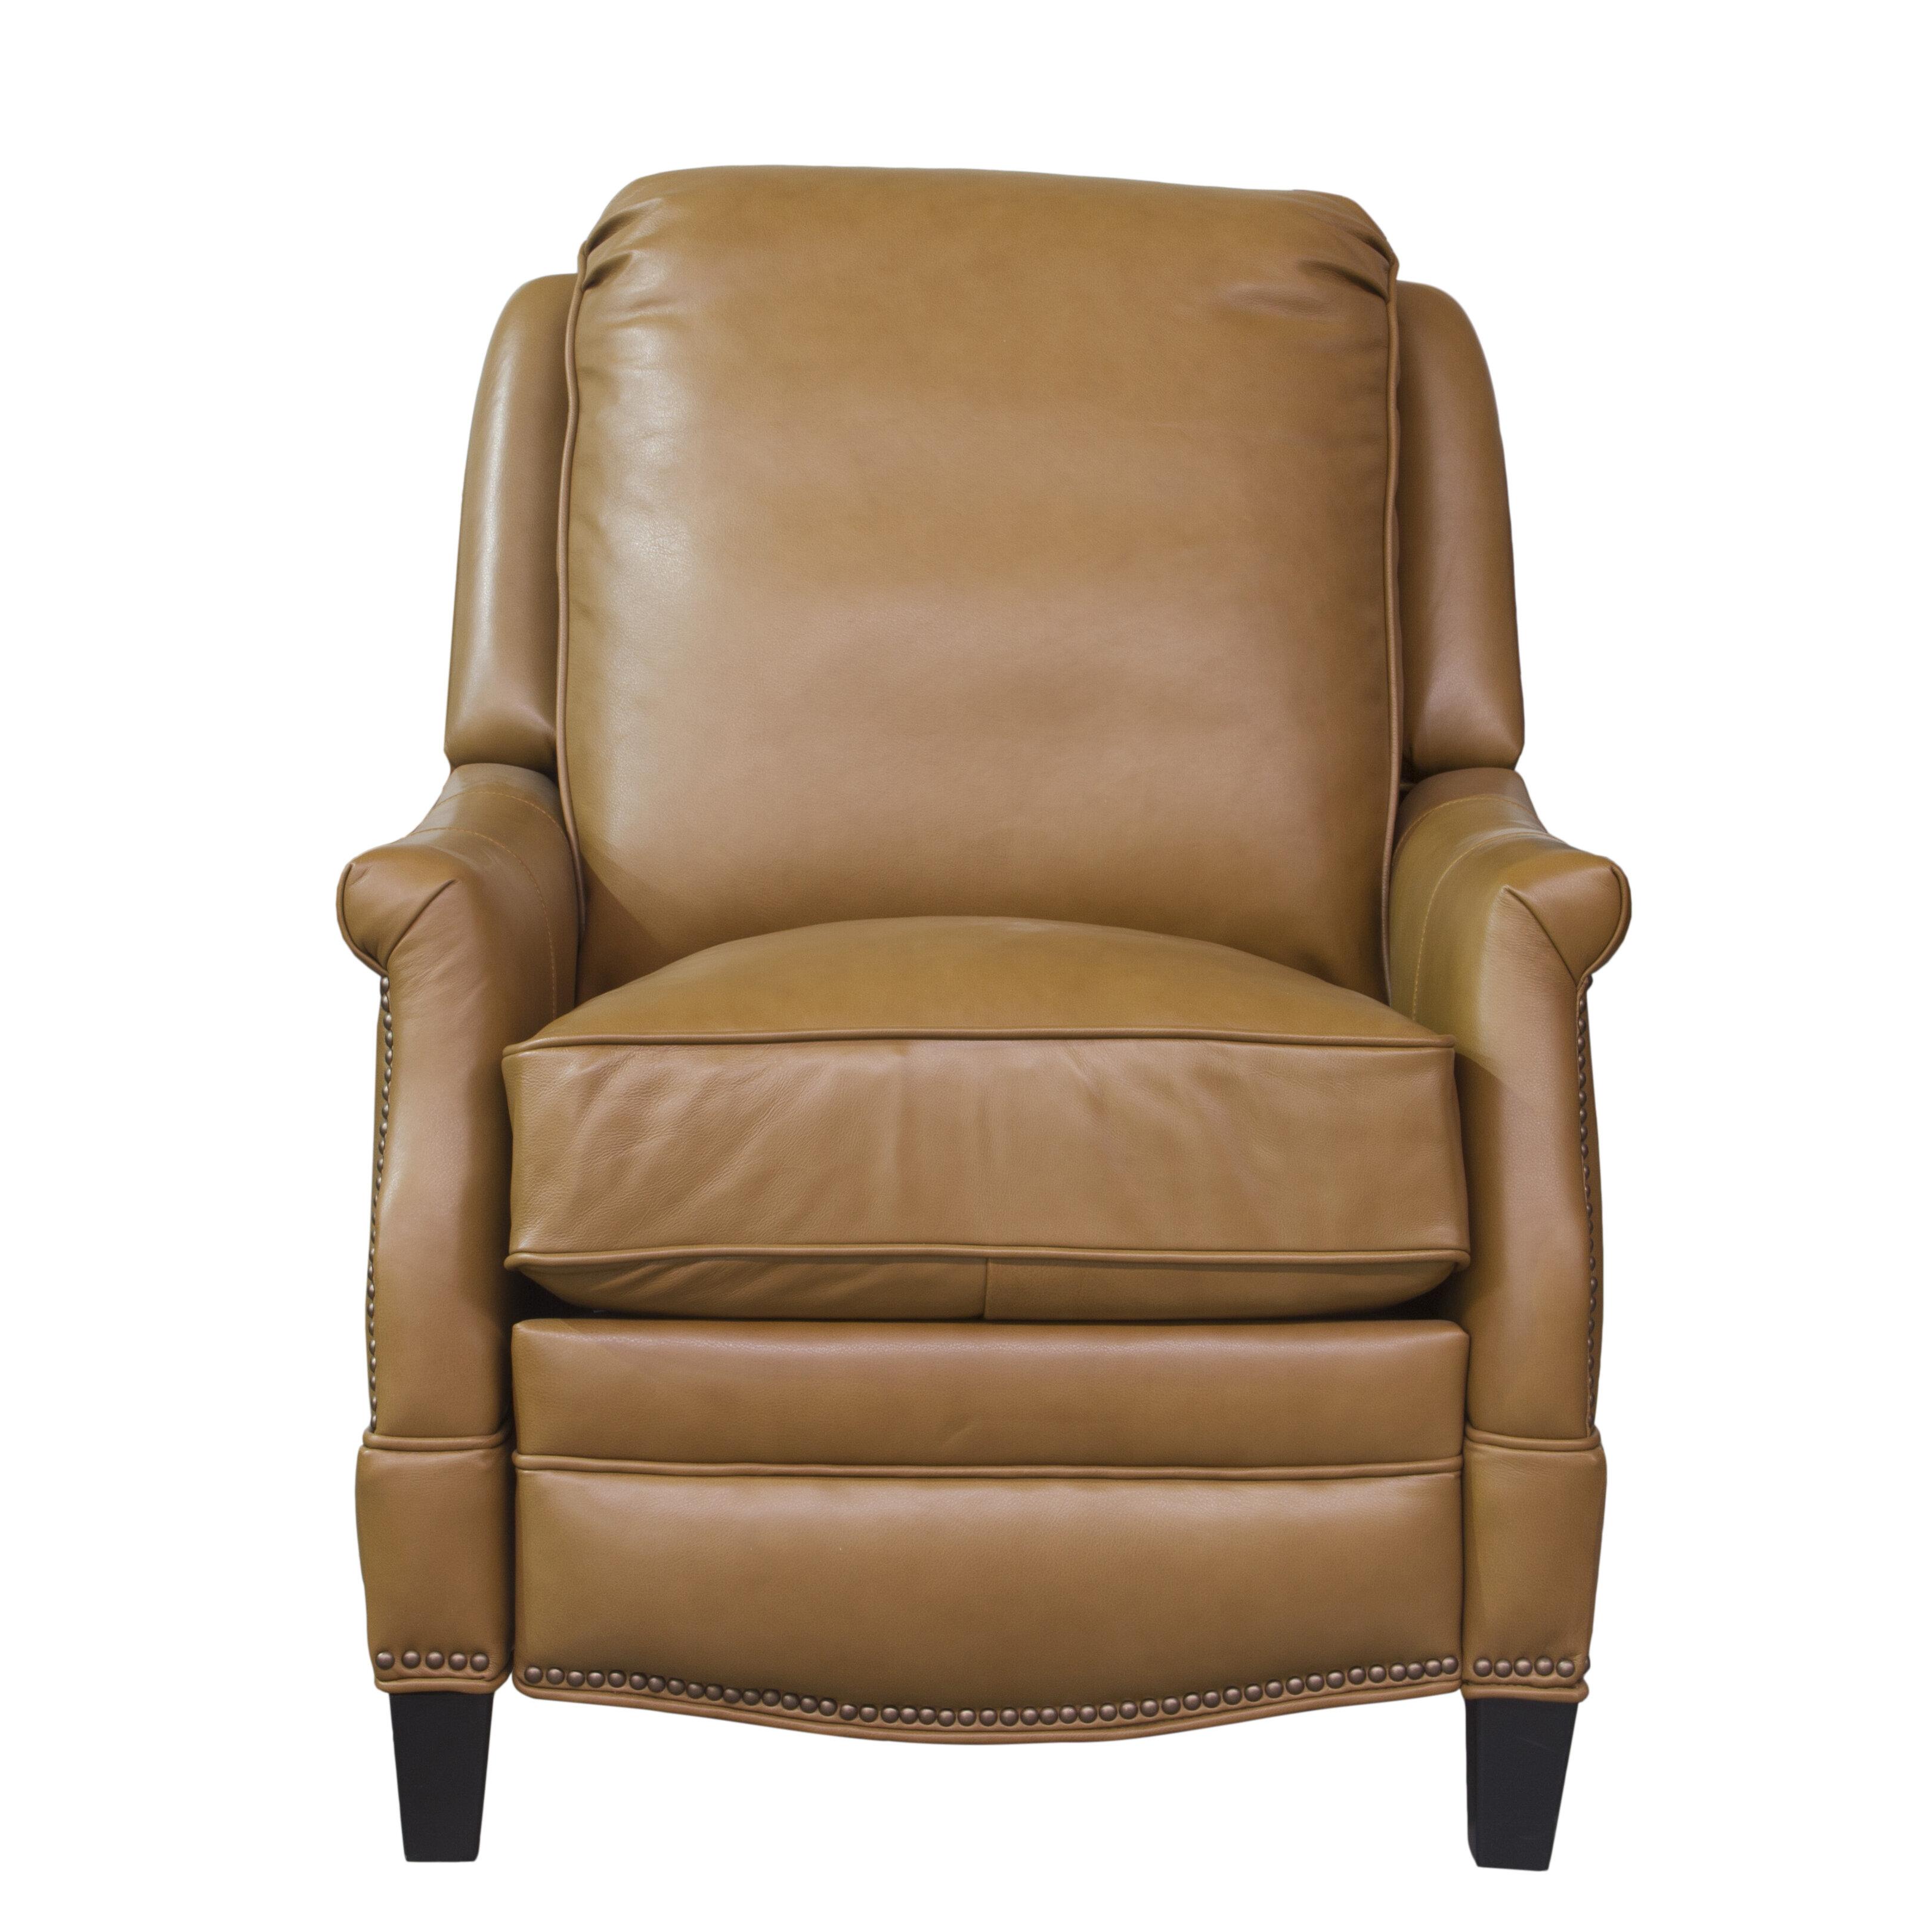 Barcalounger Ashebrooke Leather Manual Recliner U0026 Reviews | Wayfair